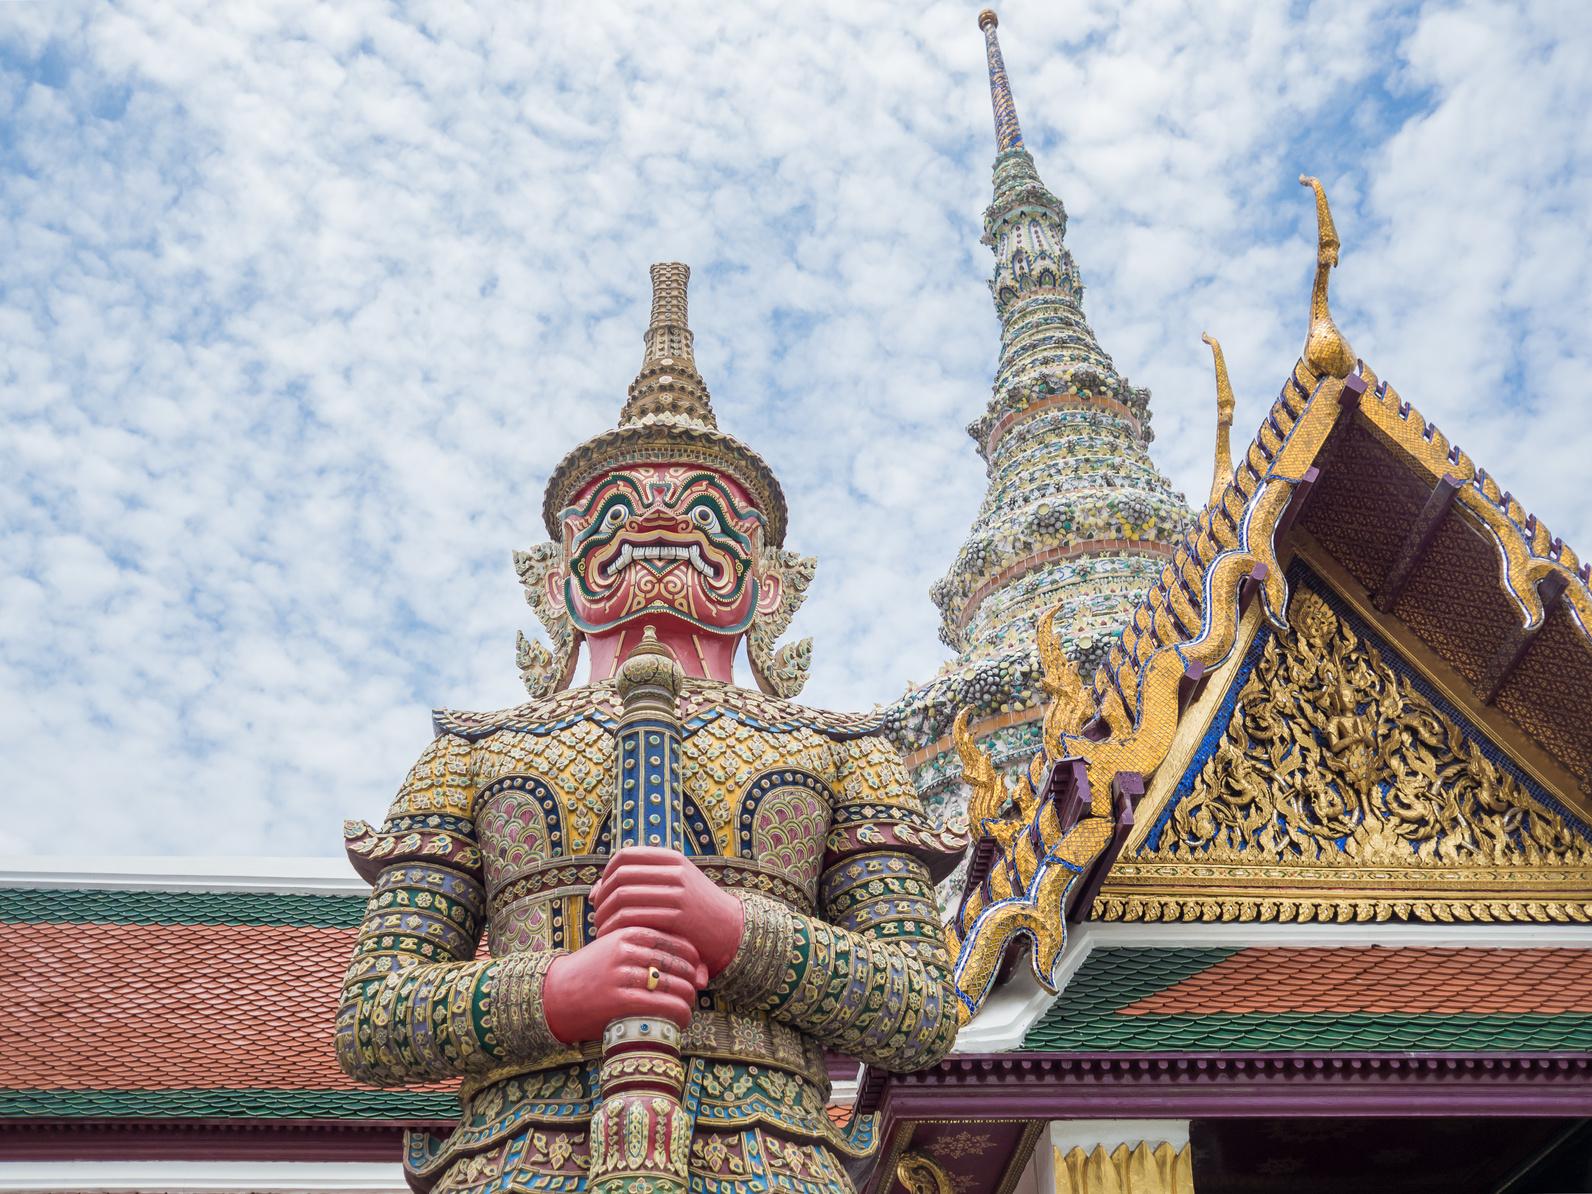 【新千歳発】 タイ国際航空利用! バンコク 5・6日  ★朝食付・送迎付★  【先取りスーパーセール!バンコク】